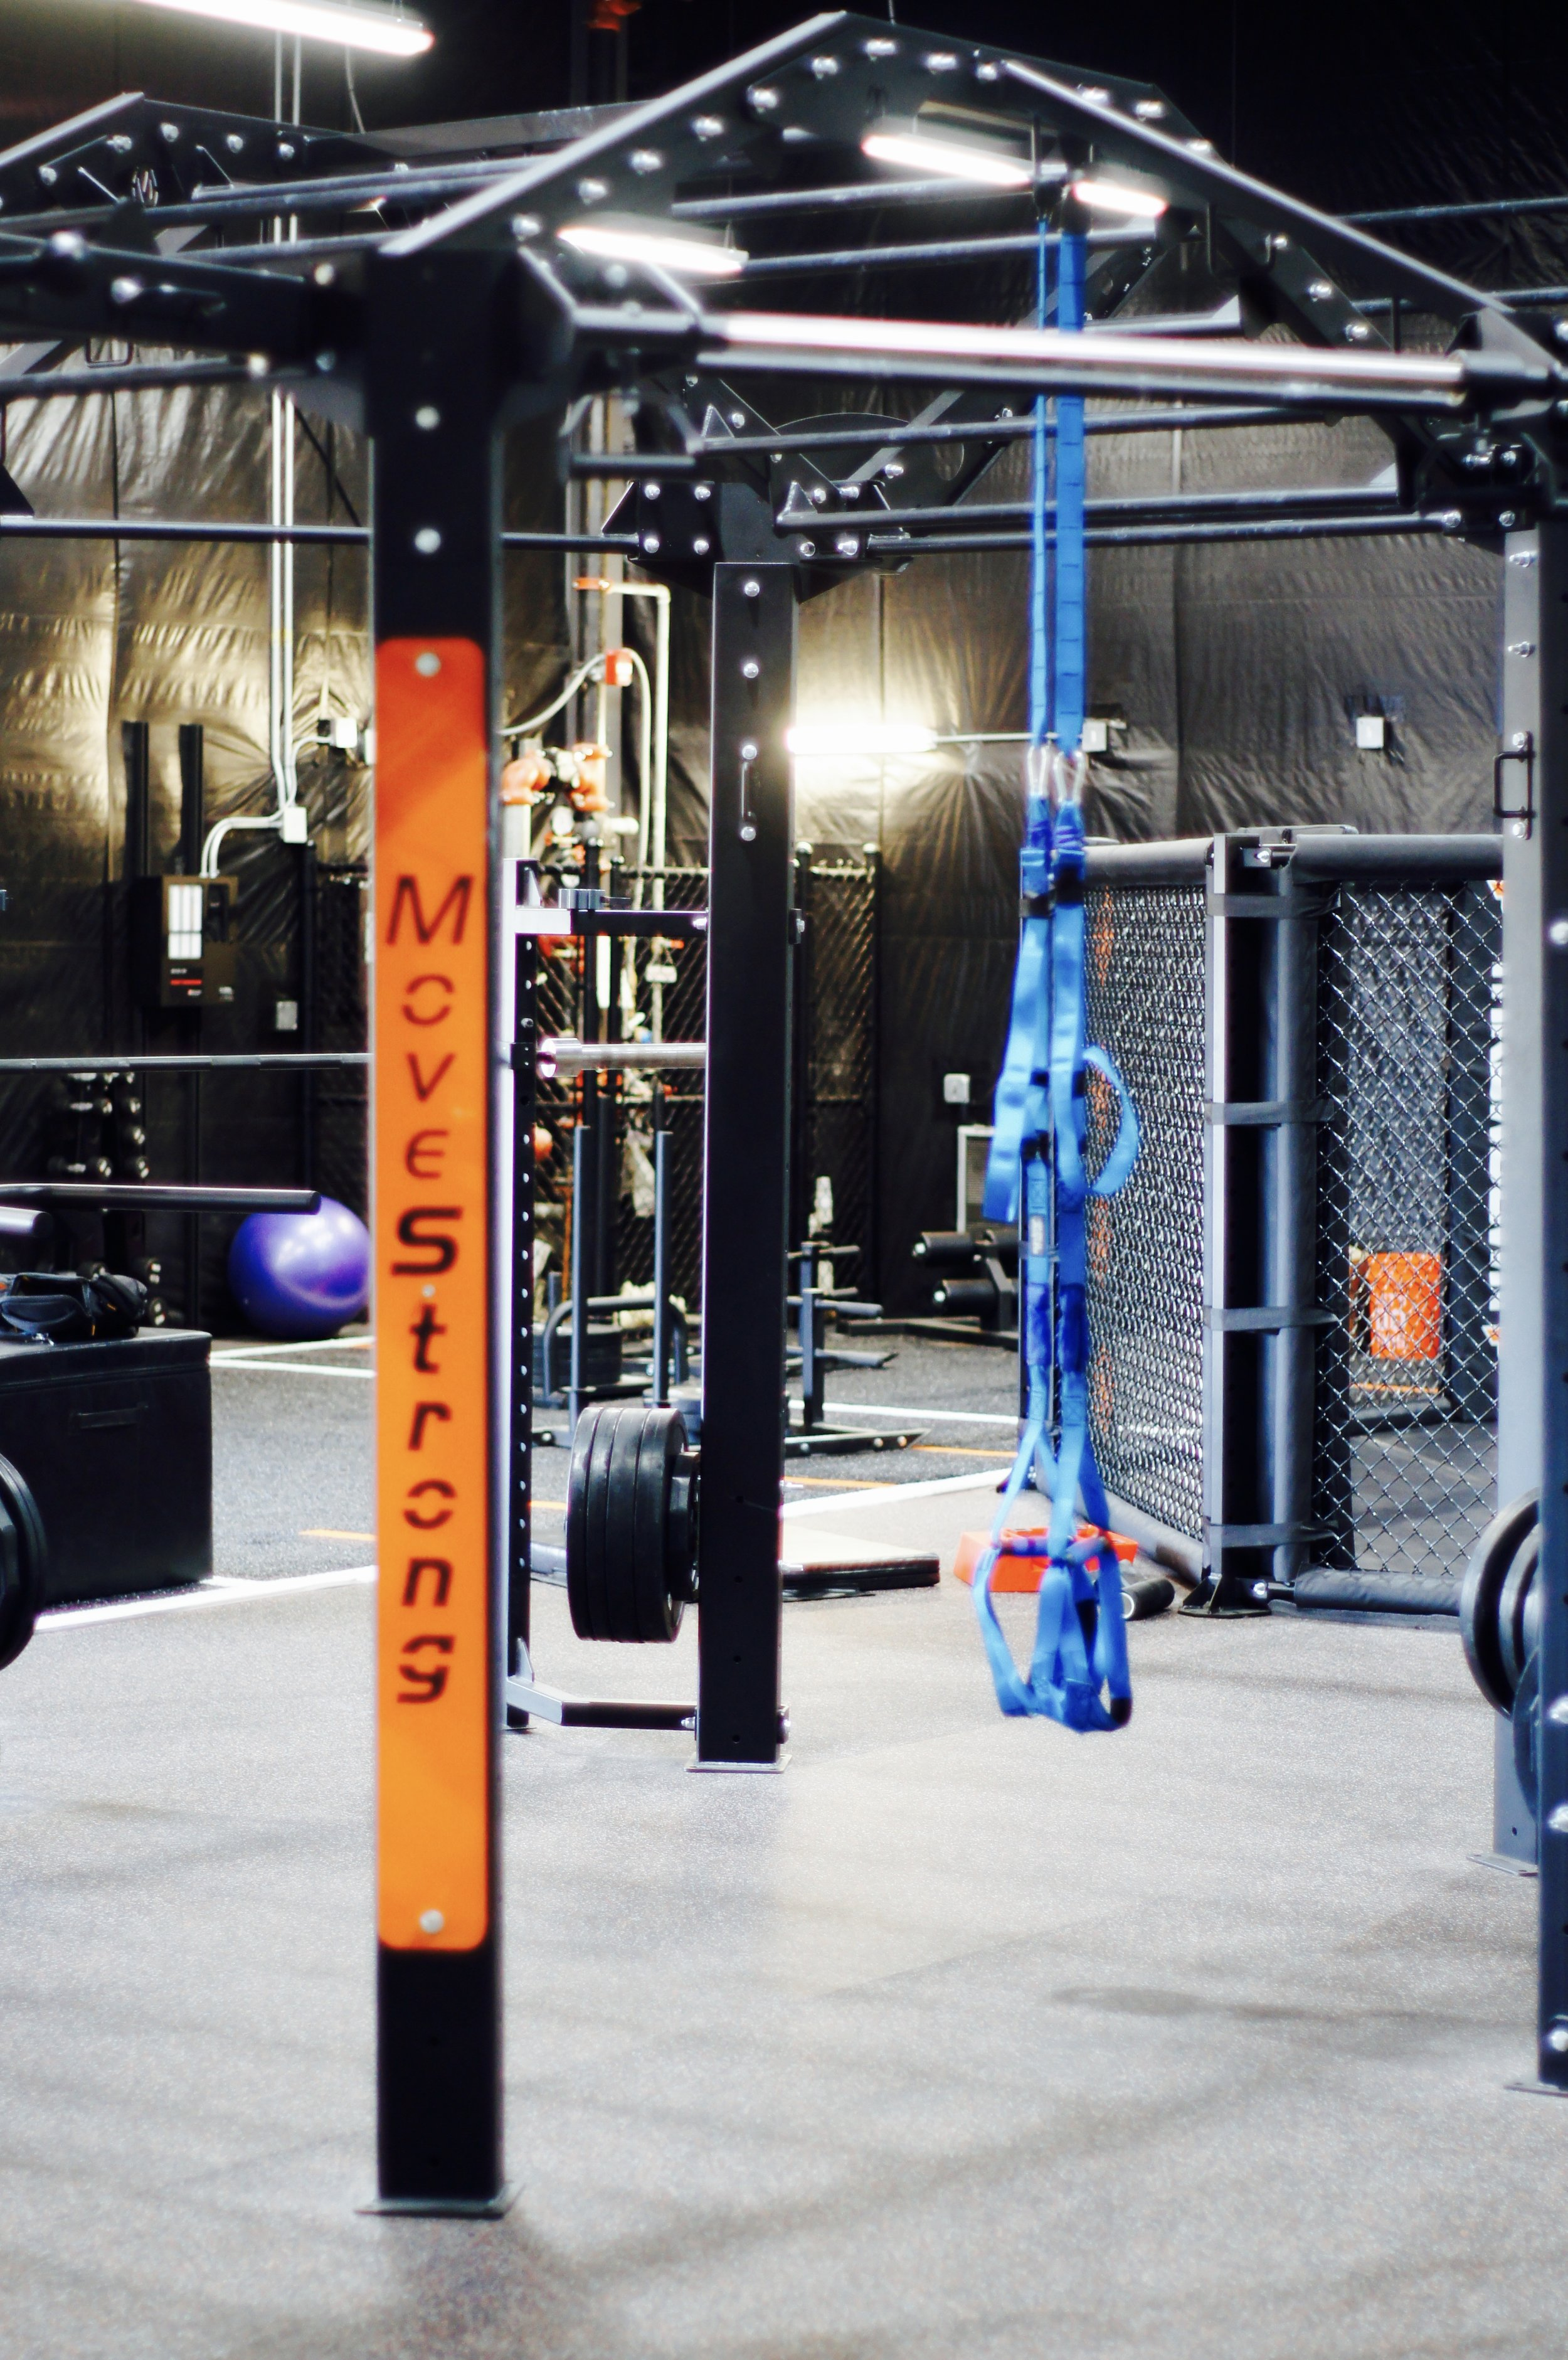 Suspension Elevate training tools